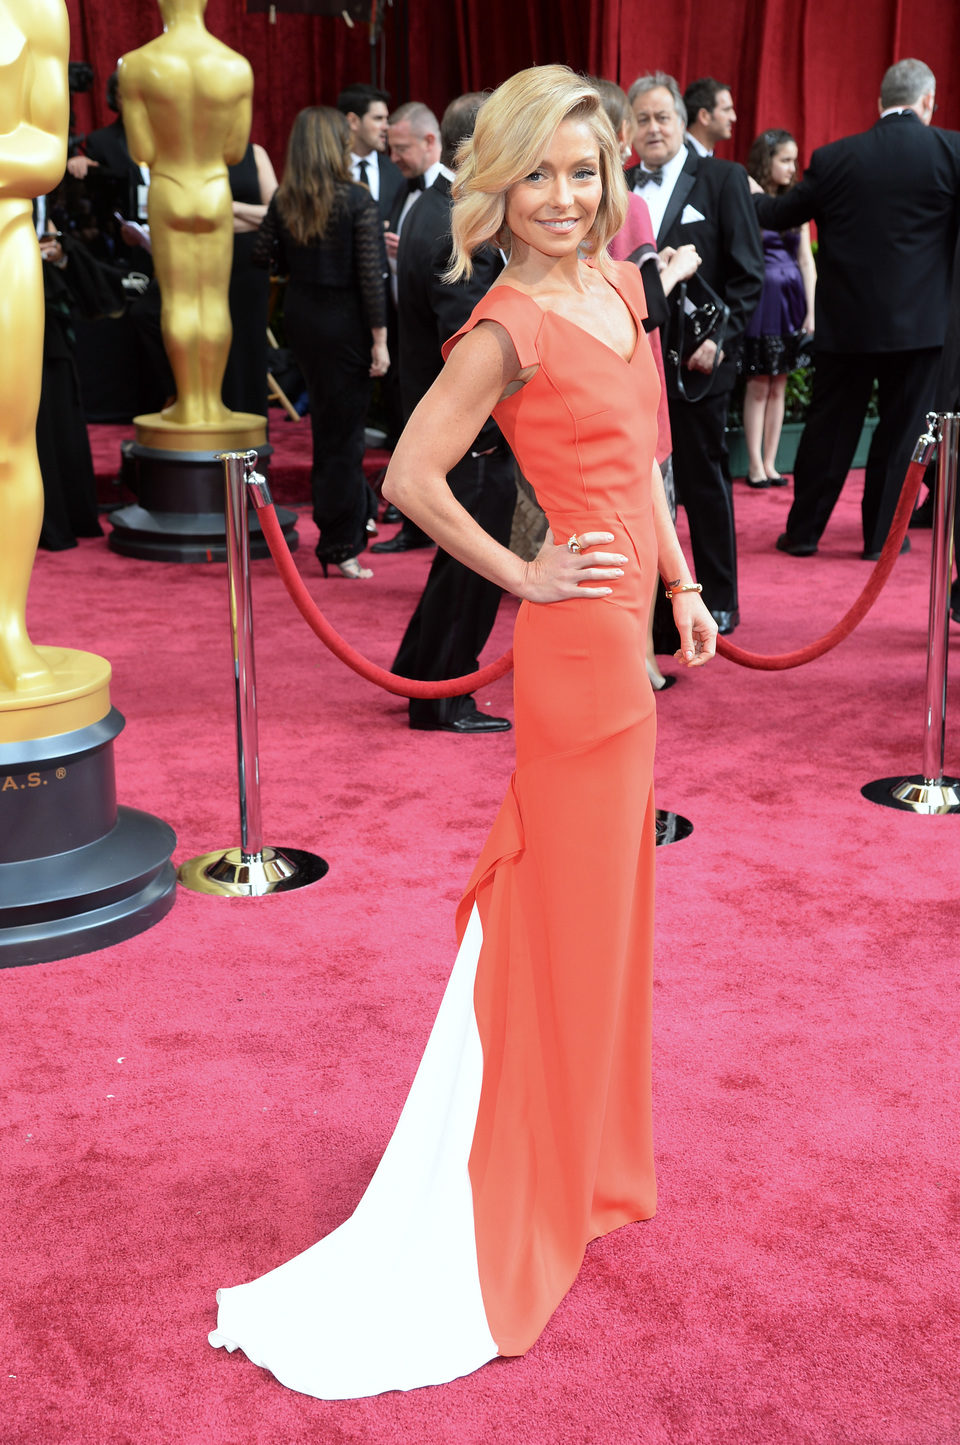 Kelly Ripa at the 2014 Oscars